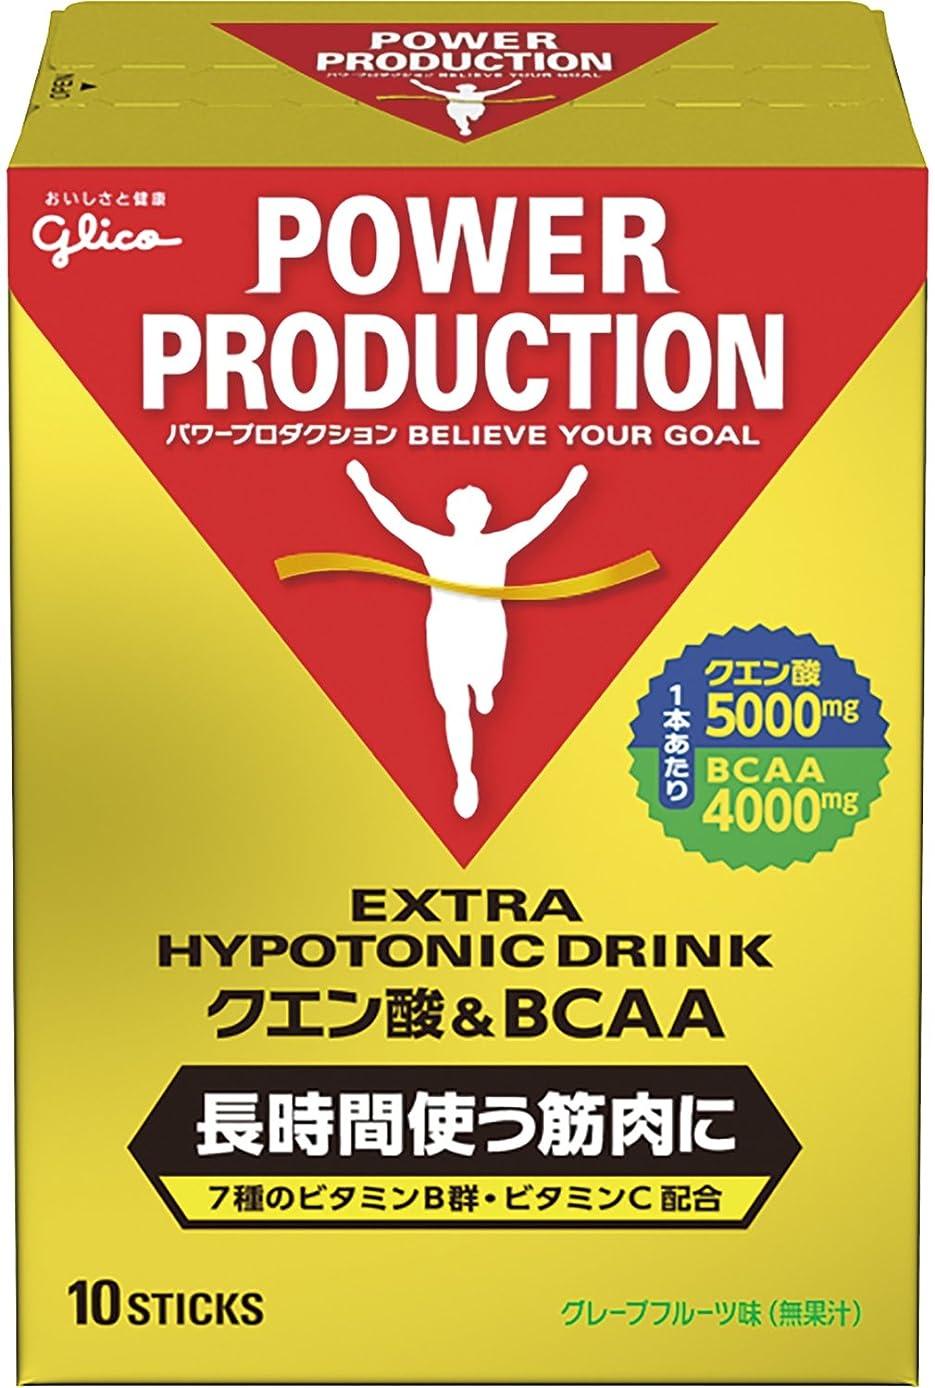 スープ深さ親指グリコ パワープロダクション エキストラ ハイポトニックドリンク クエン酸&BCAA グレープフルーツ味 1袋 (12.4g) 10本